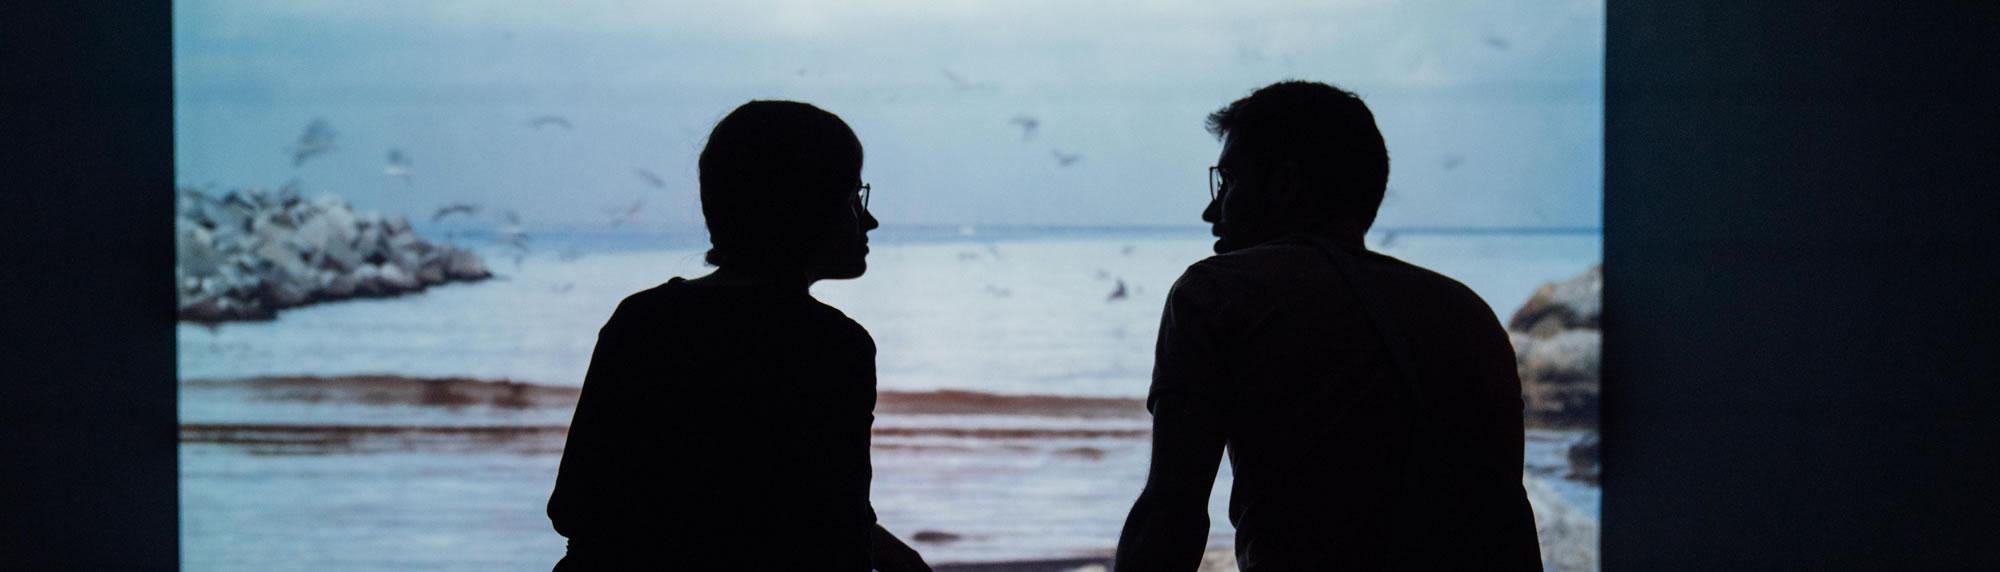 Conversation entre deux personnes - Photo par Étienne Boulanger (unsplash.com)